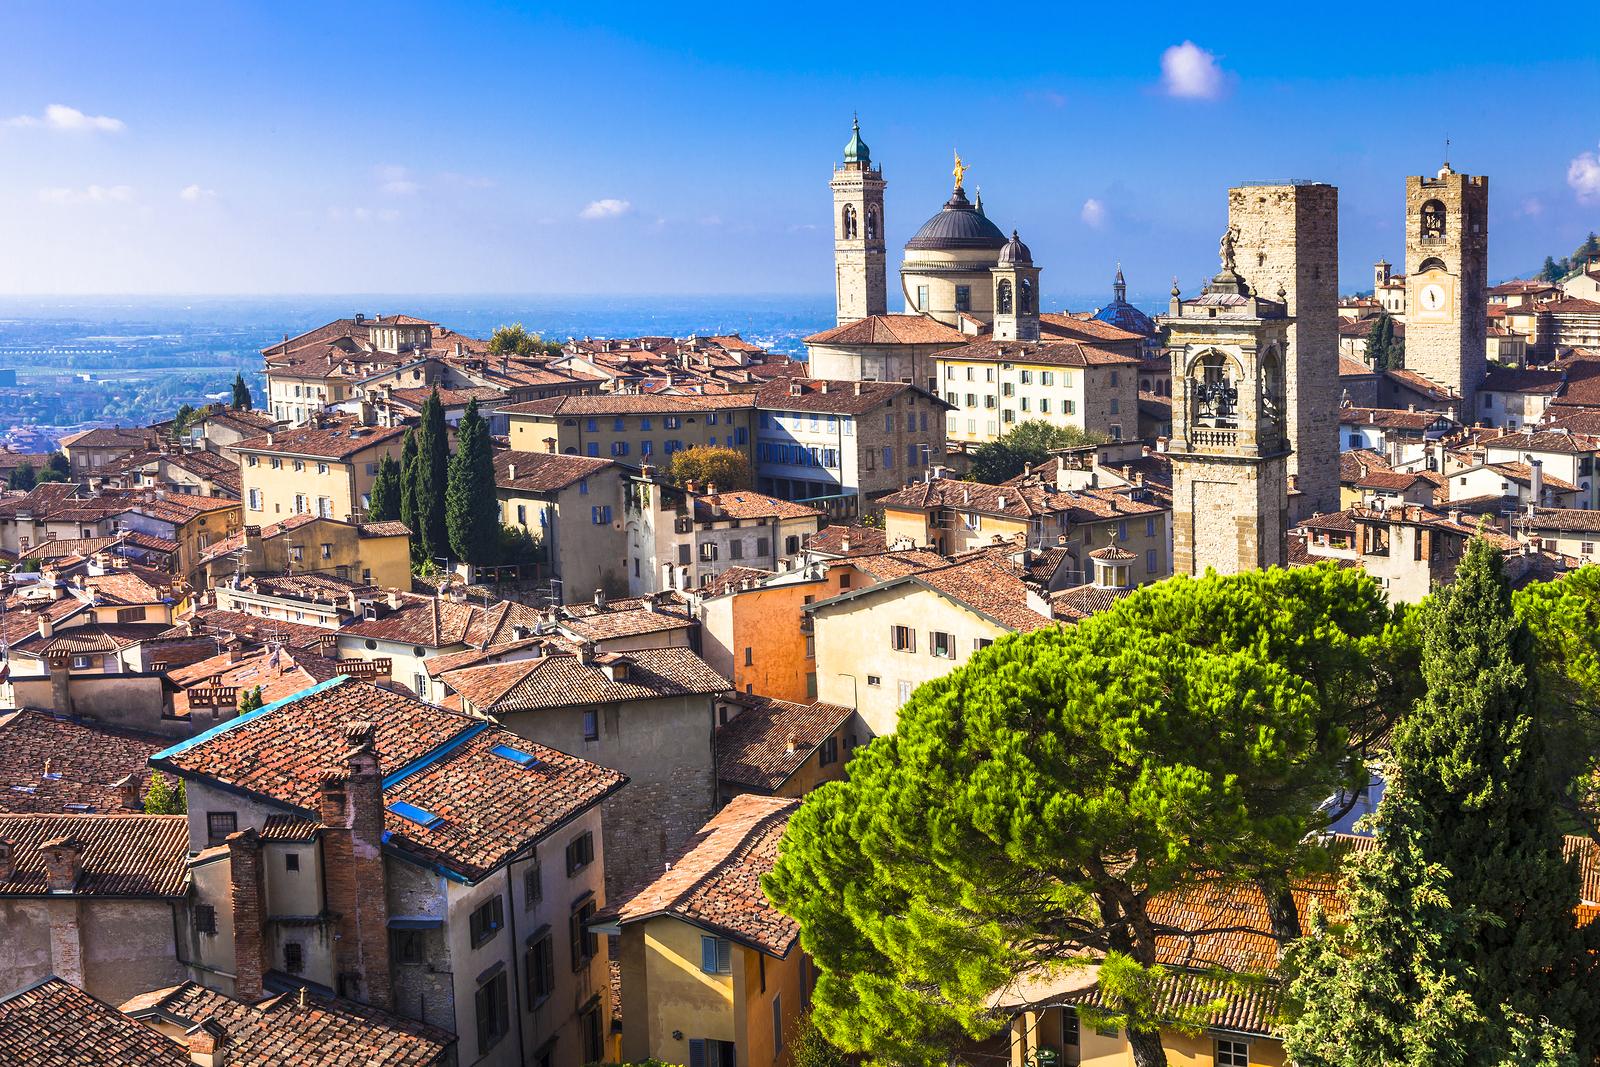 Hyr bil i Bergamo